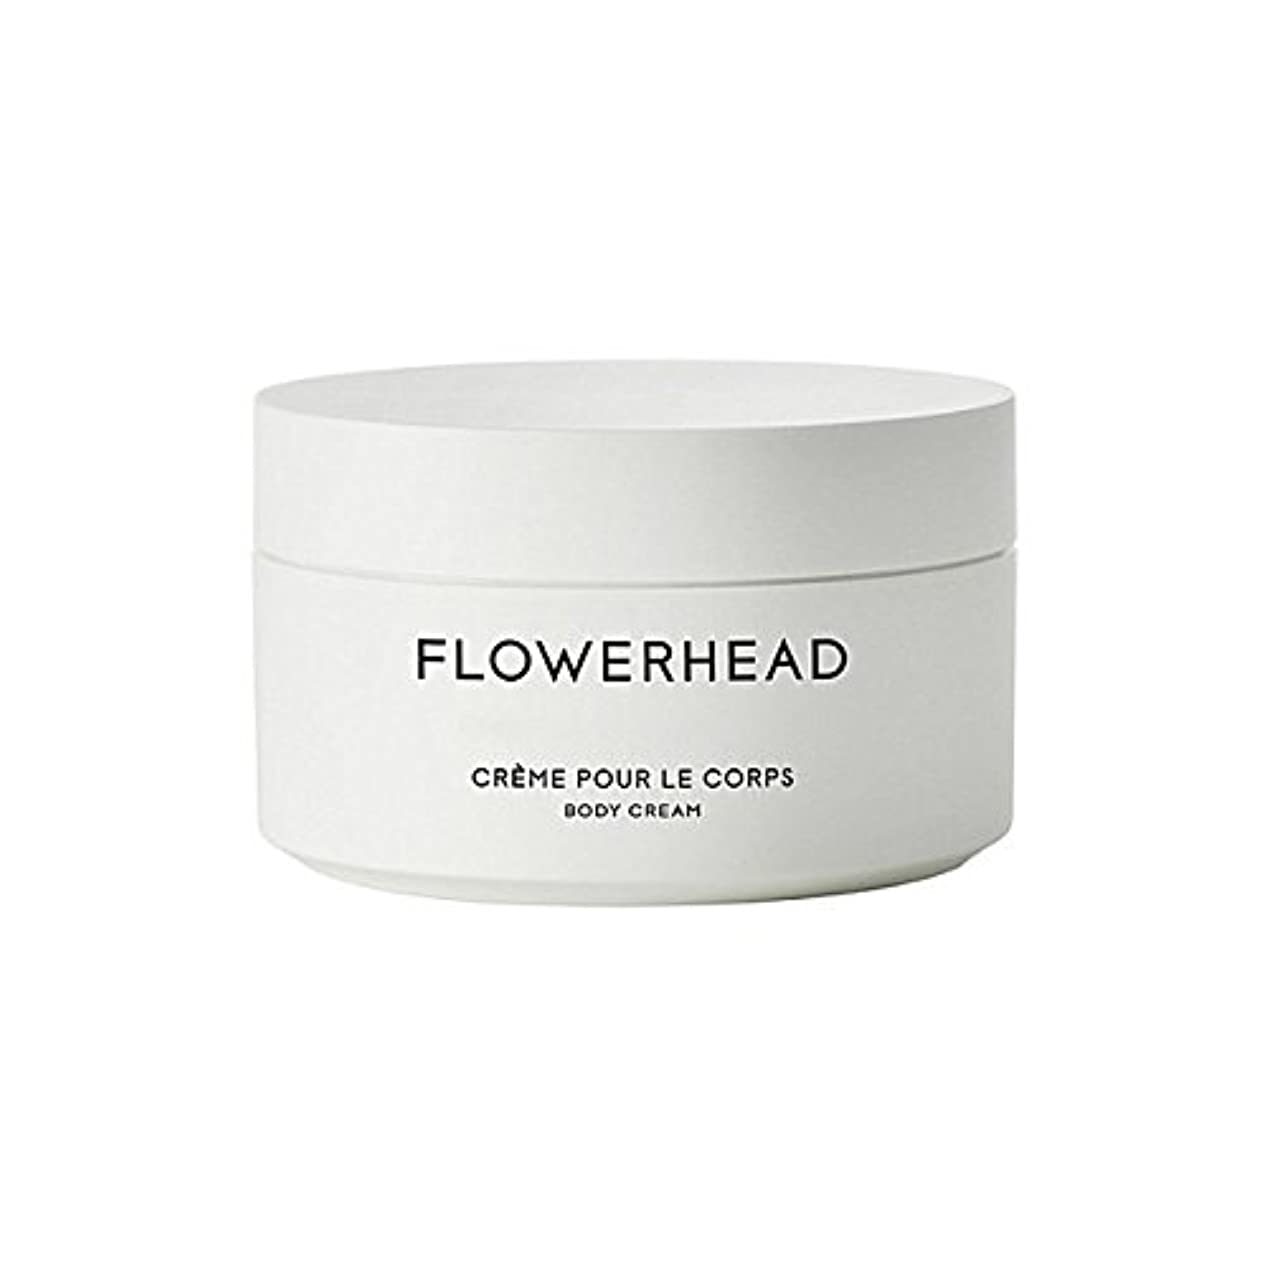 プラス恥ずかしい返還Byredo Flowerhead Body Cream 200ml - ボディクリーム200ミリリットル [並行輸入品]